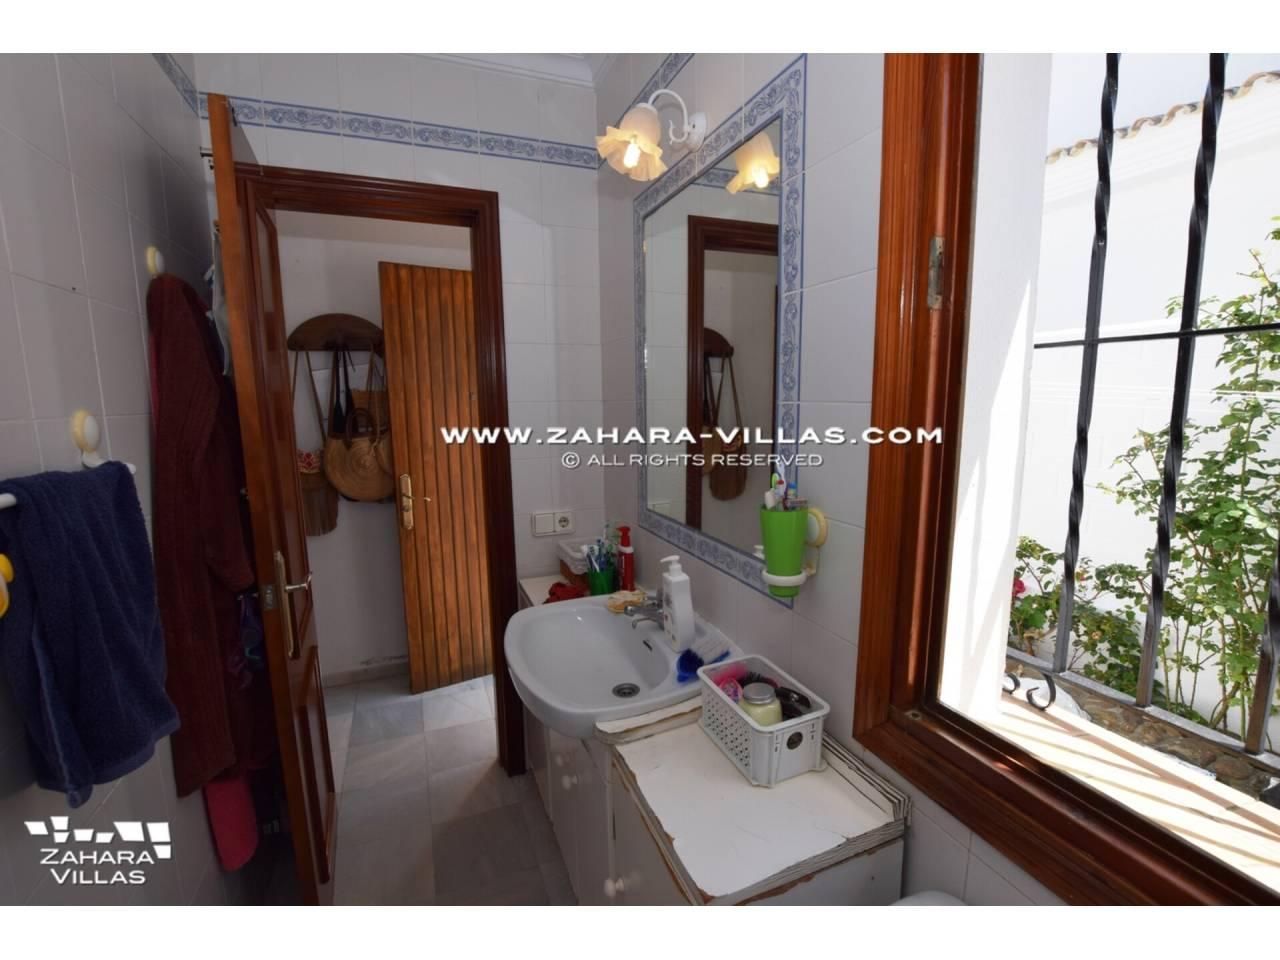 Imagen 19 de Casa en venta en segunda línea de playa, con vistas al mar en Zahara de los Atunes